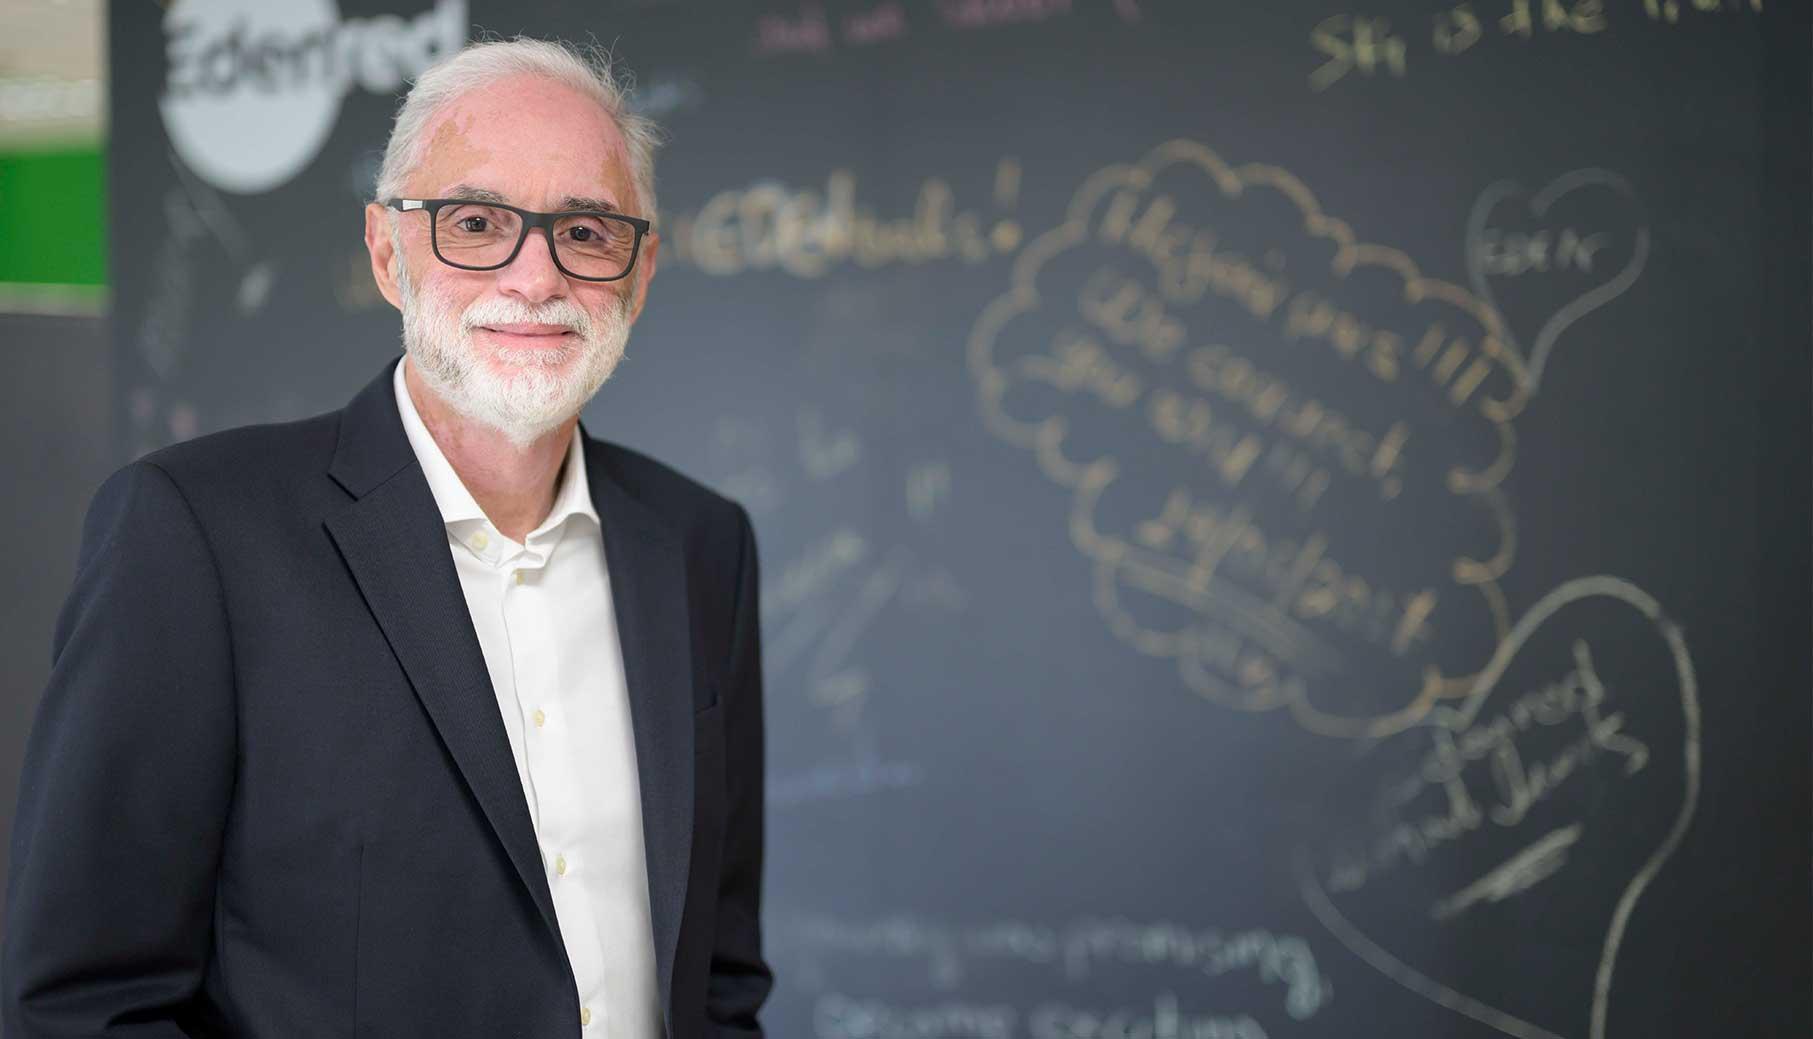 Γιάννης Κολοβός, Διευθύνων Σύμβουλος, Εdenred: Η καινοτομία είναι στο DNA μας